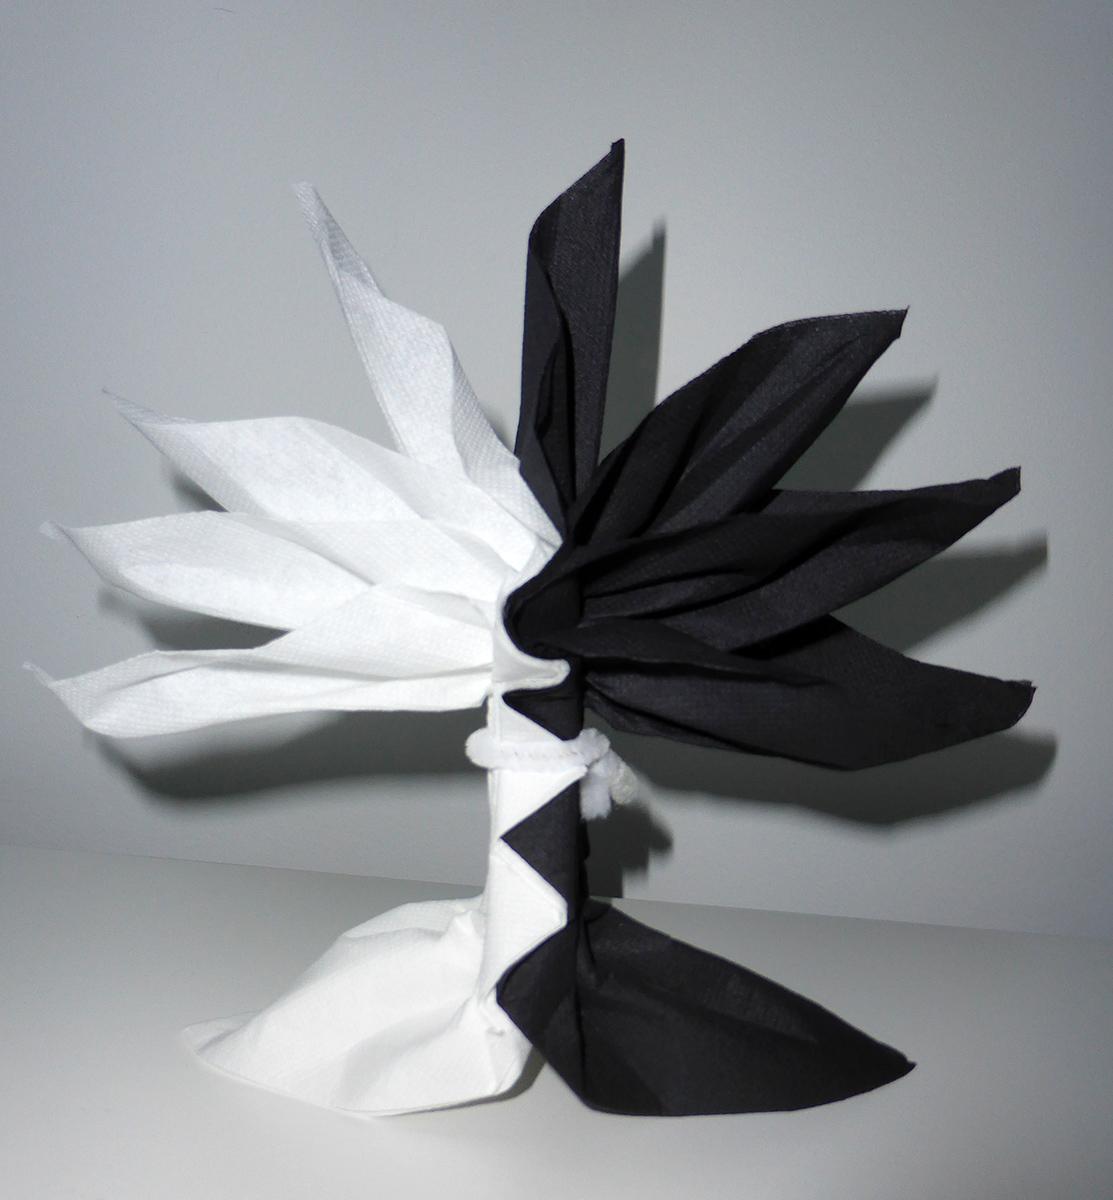 pliage de serviette de table en forme